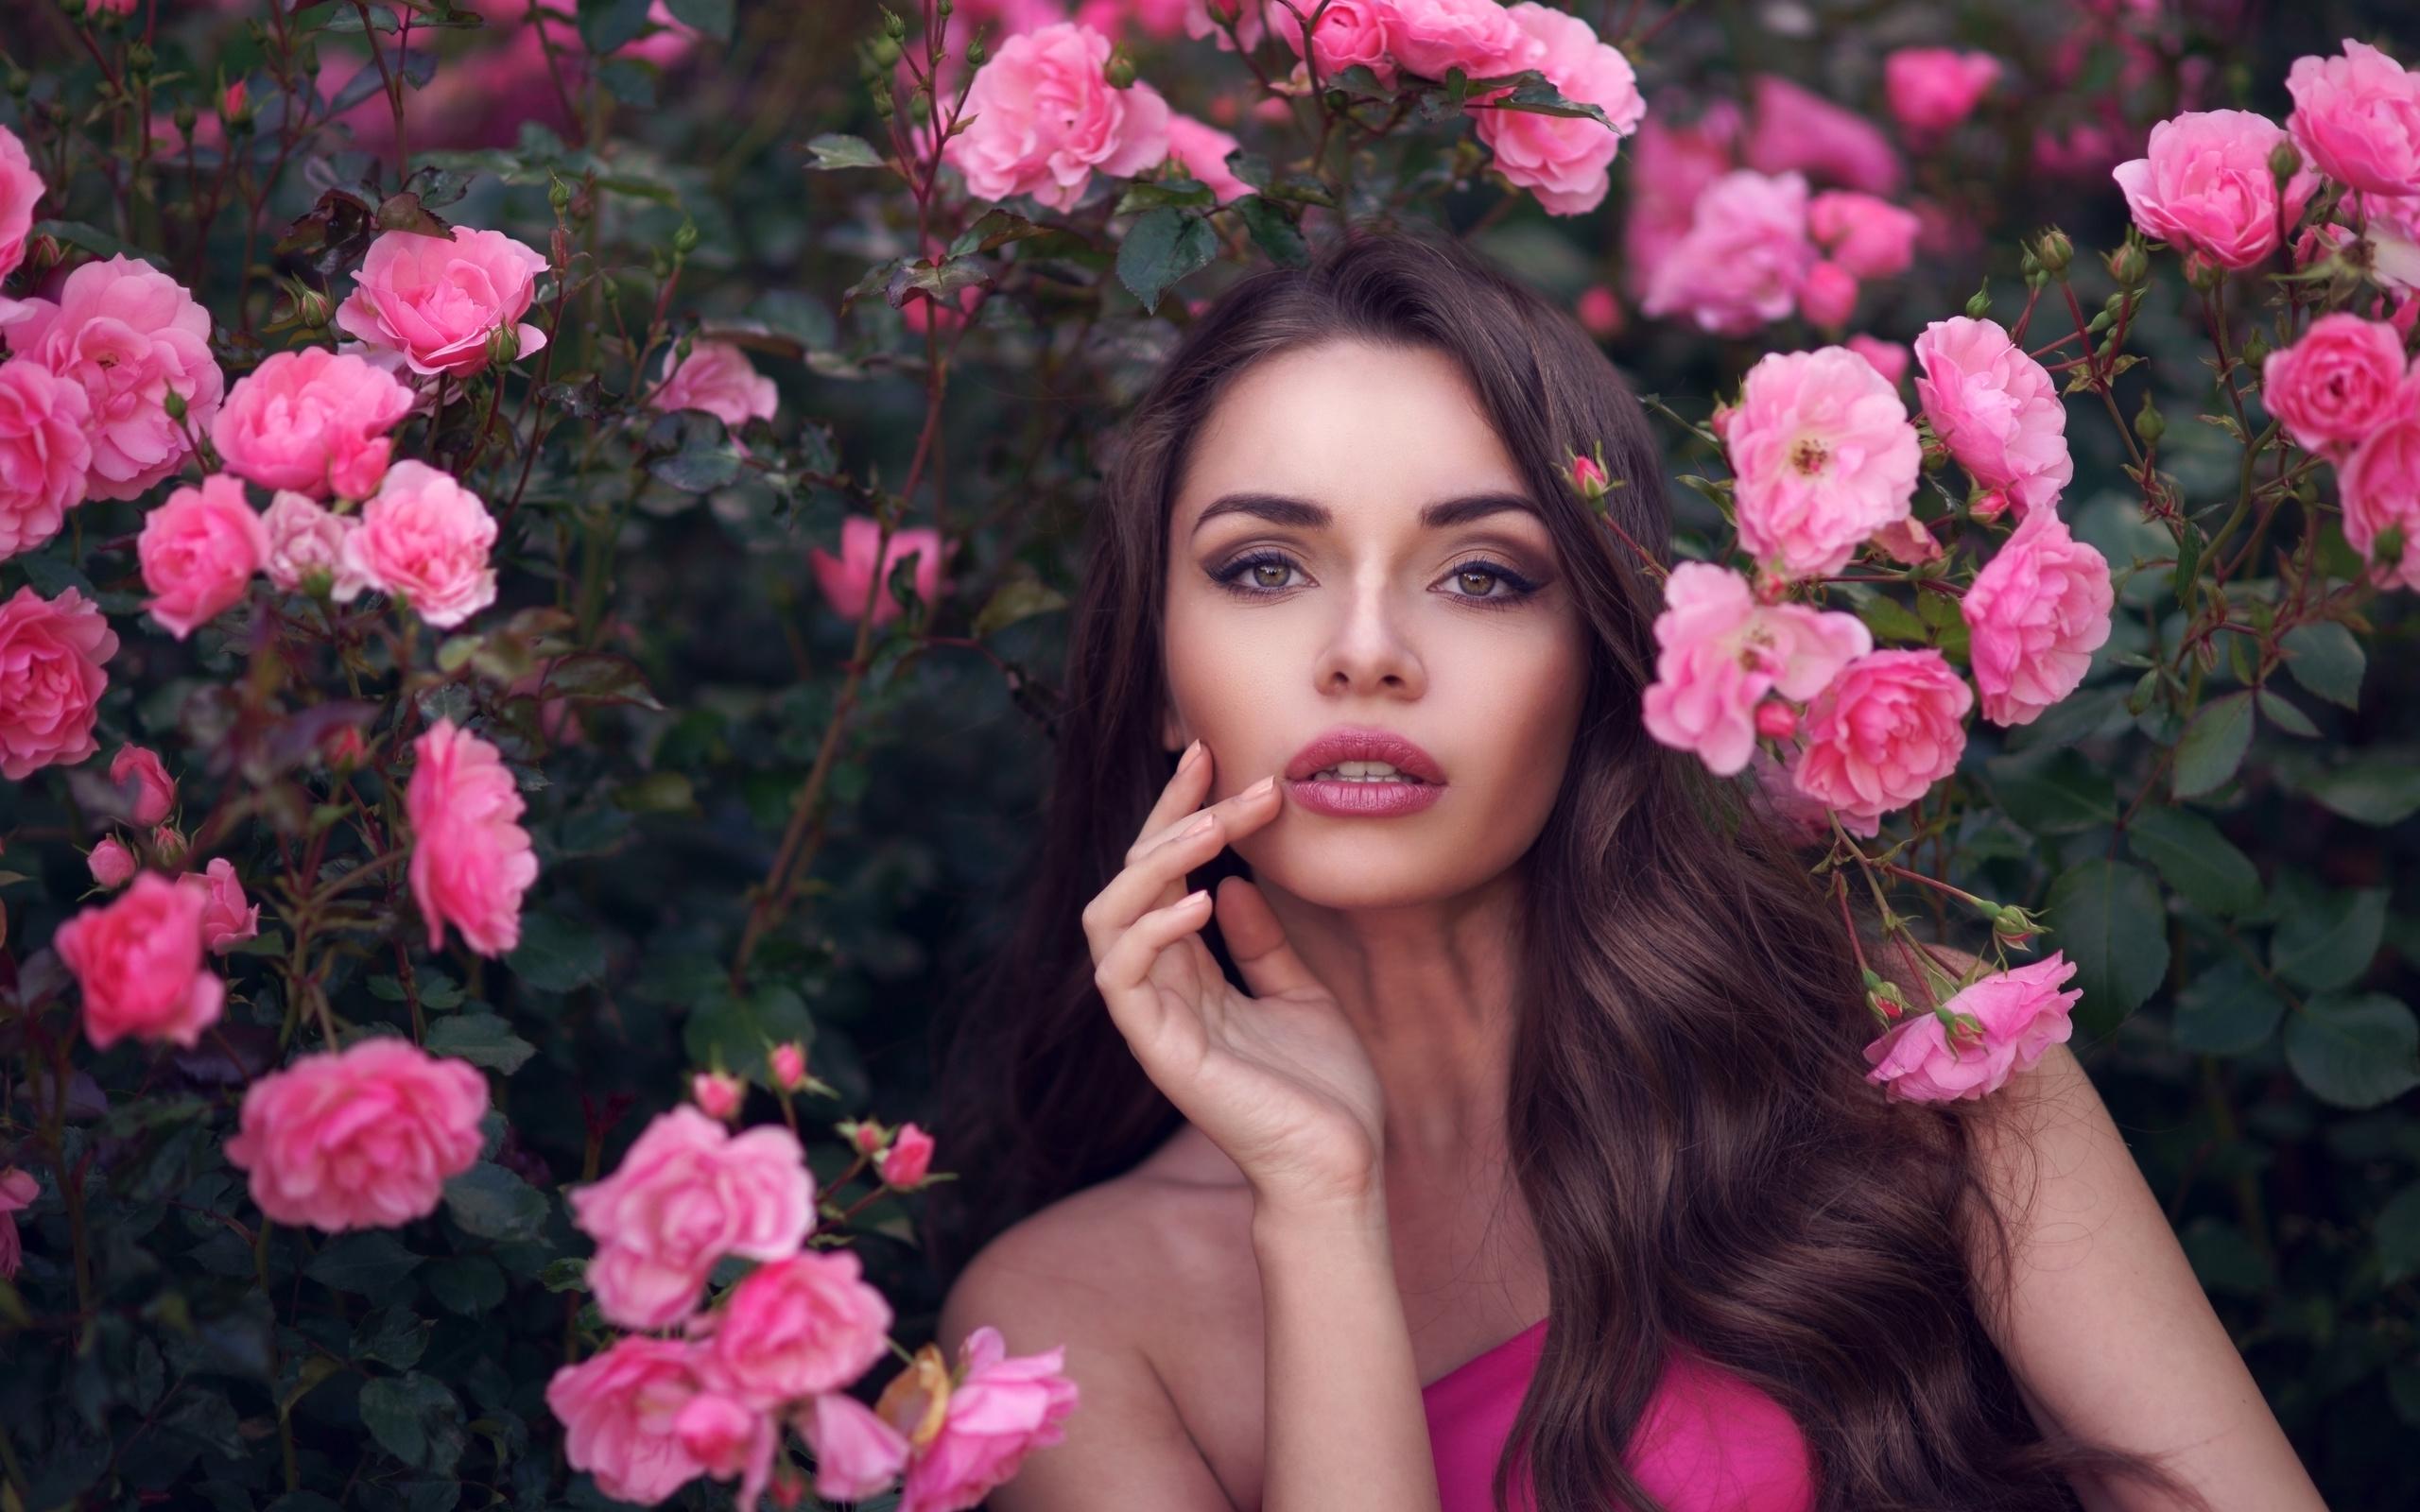 Картинки для красивой девушки цветы, добрым утром картинки